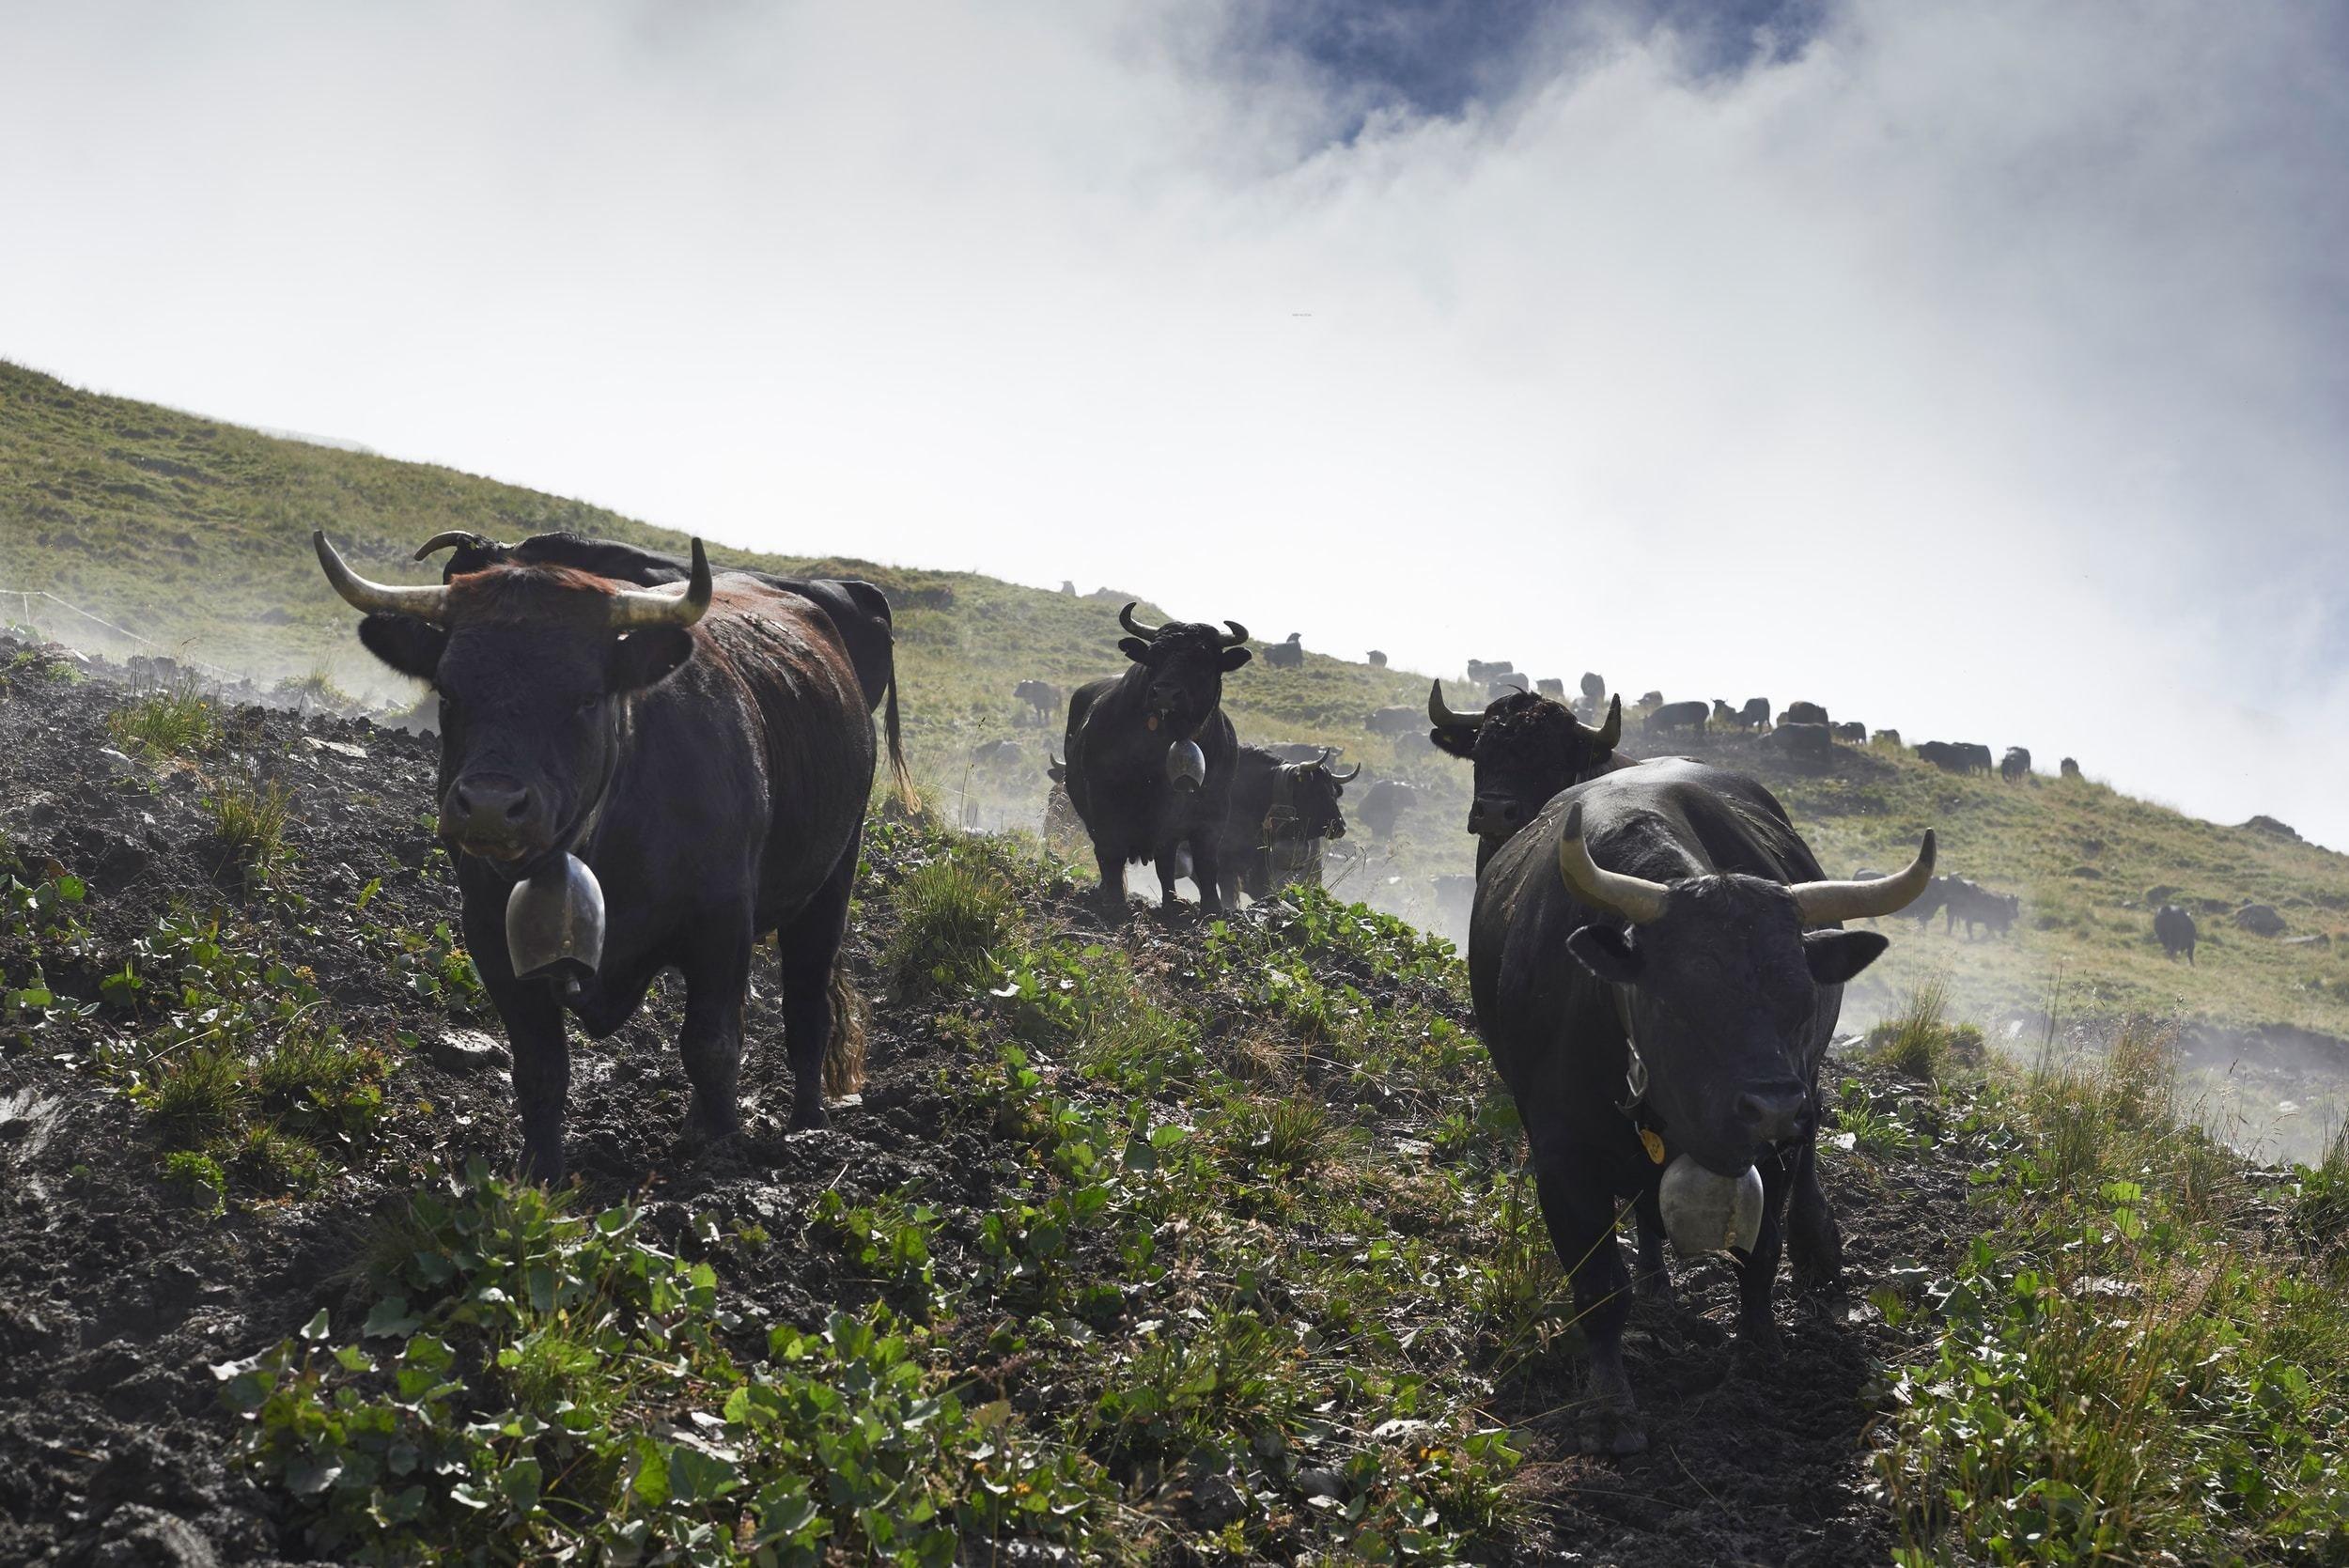 vaches brunes chargeant dans un pré en pente